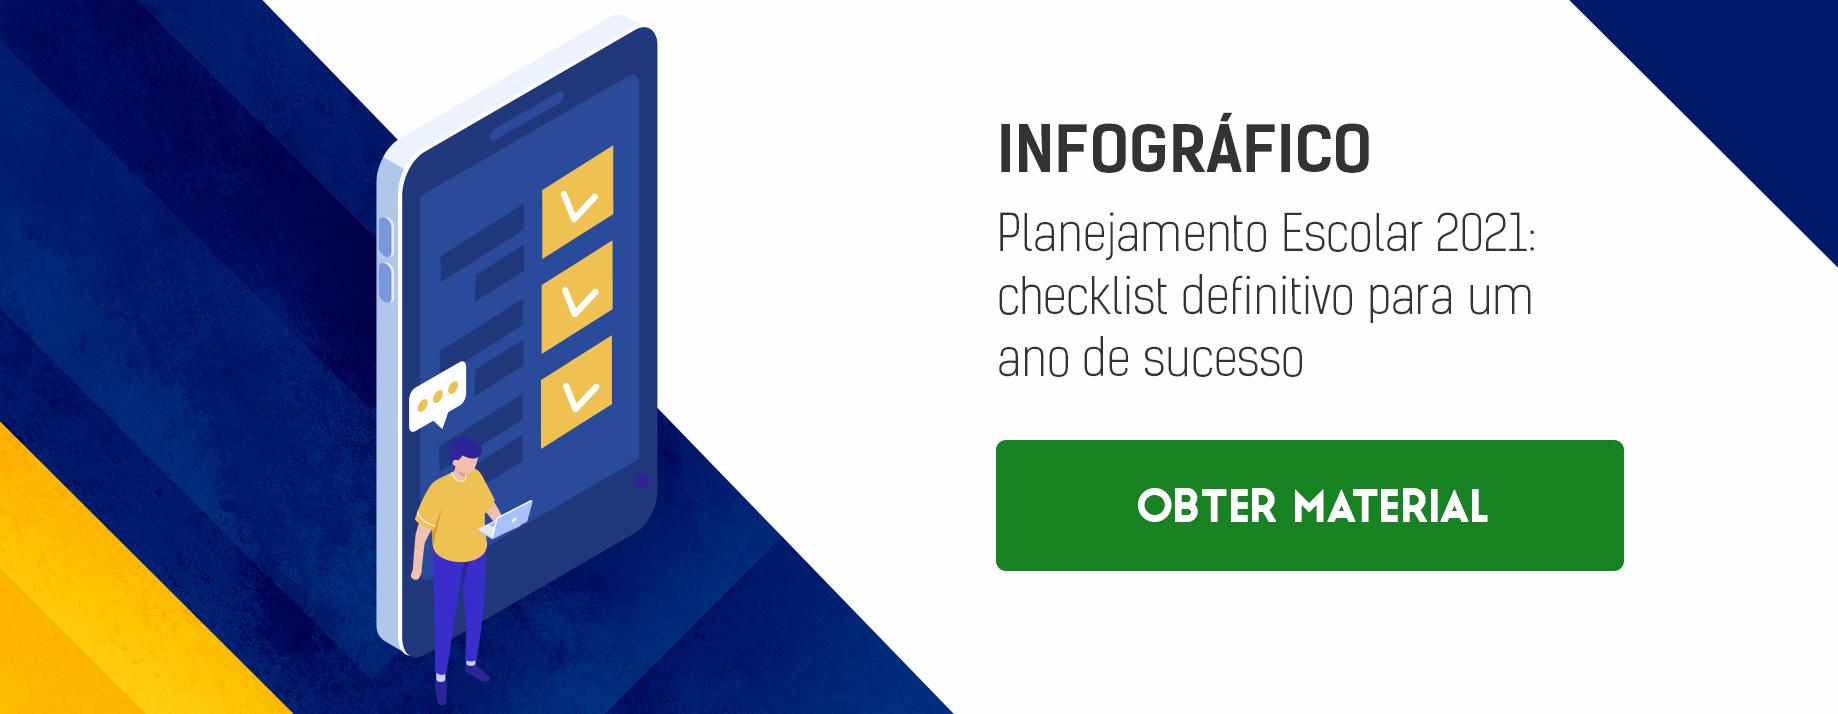 CTA_Infográfico - Planejamento Escolar 2021